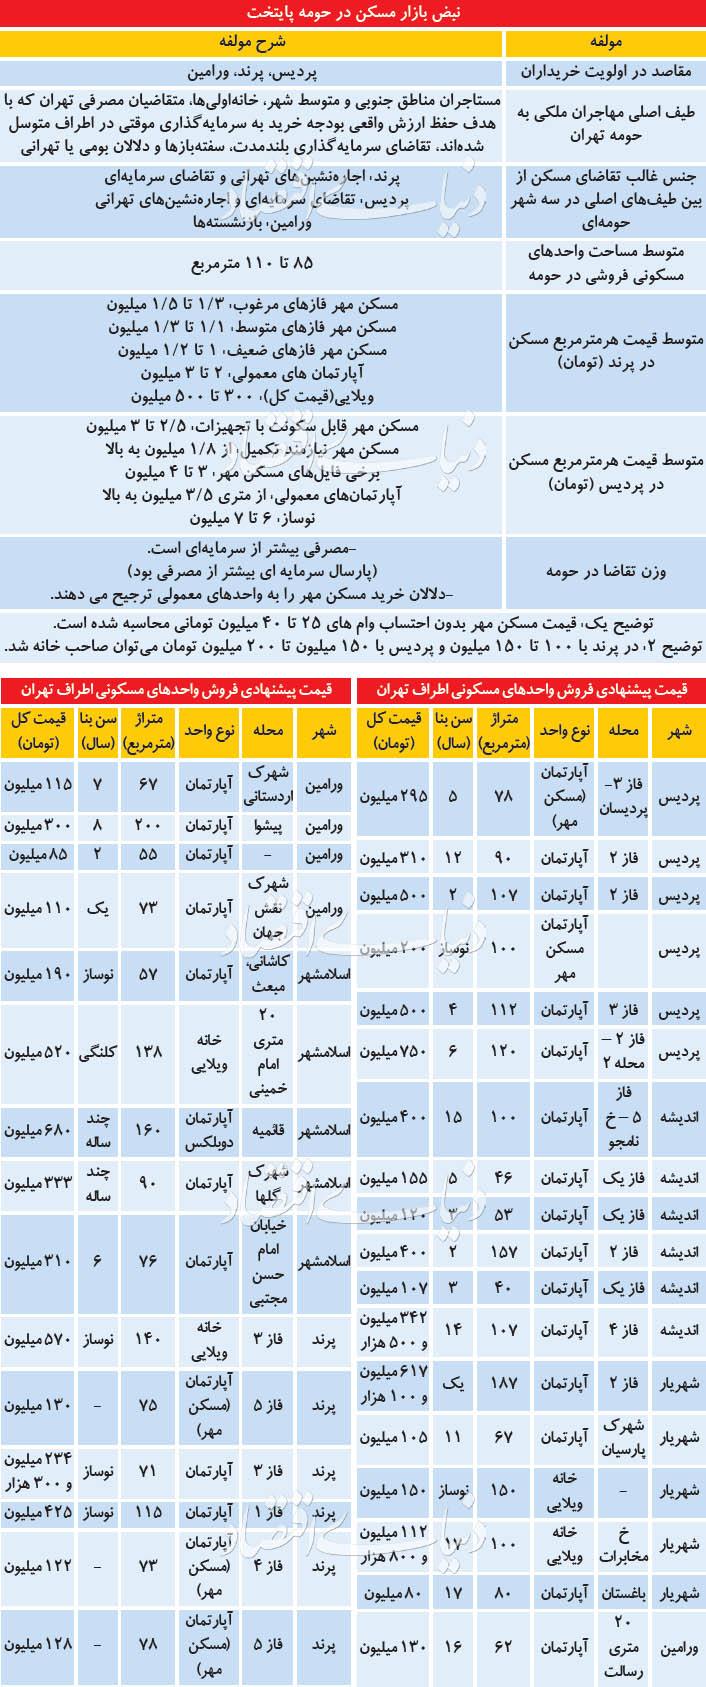 سه مقصد اول خریداران مسکن در اطراف تهران کجاست؟